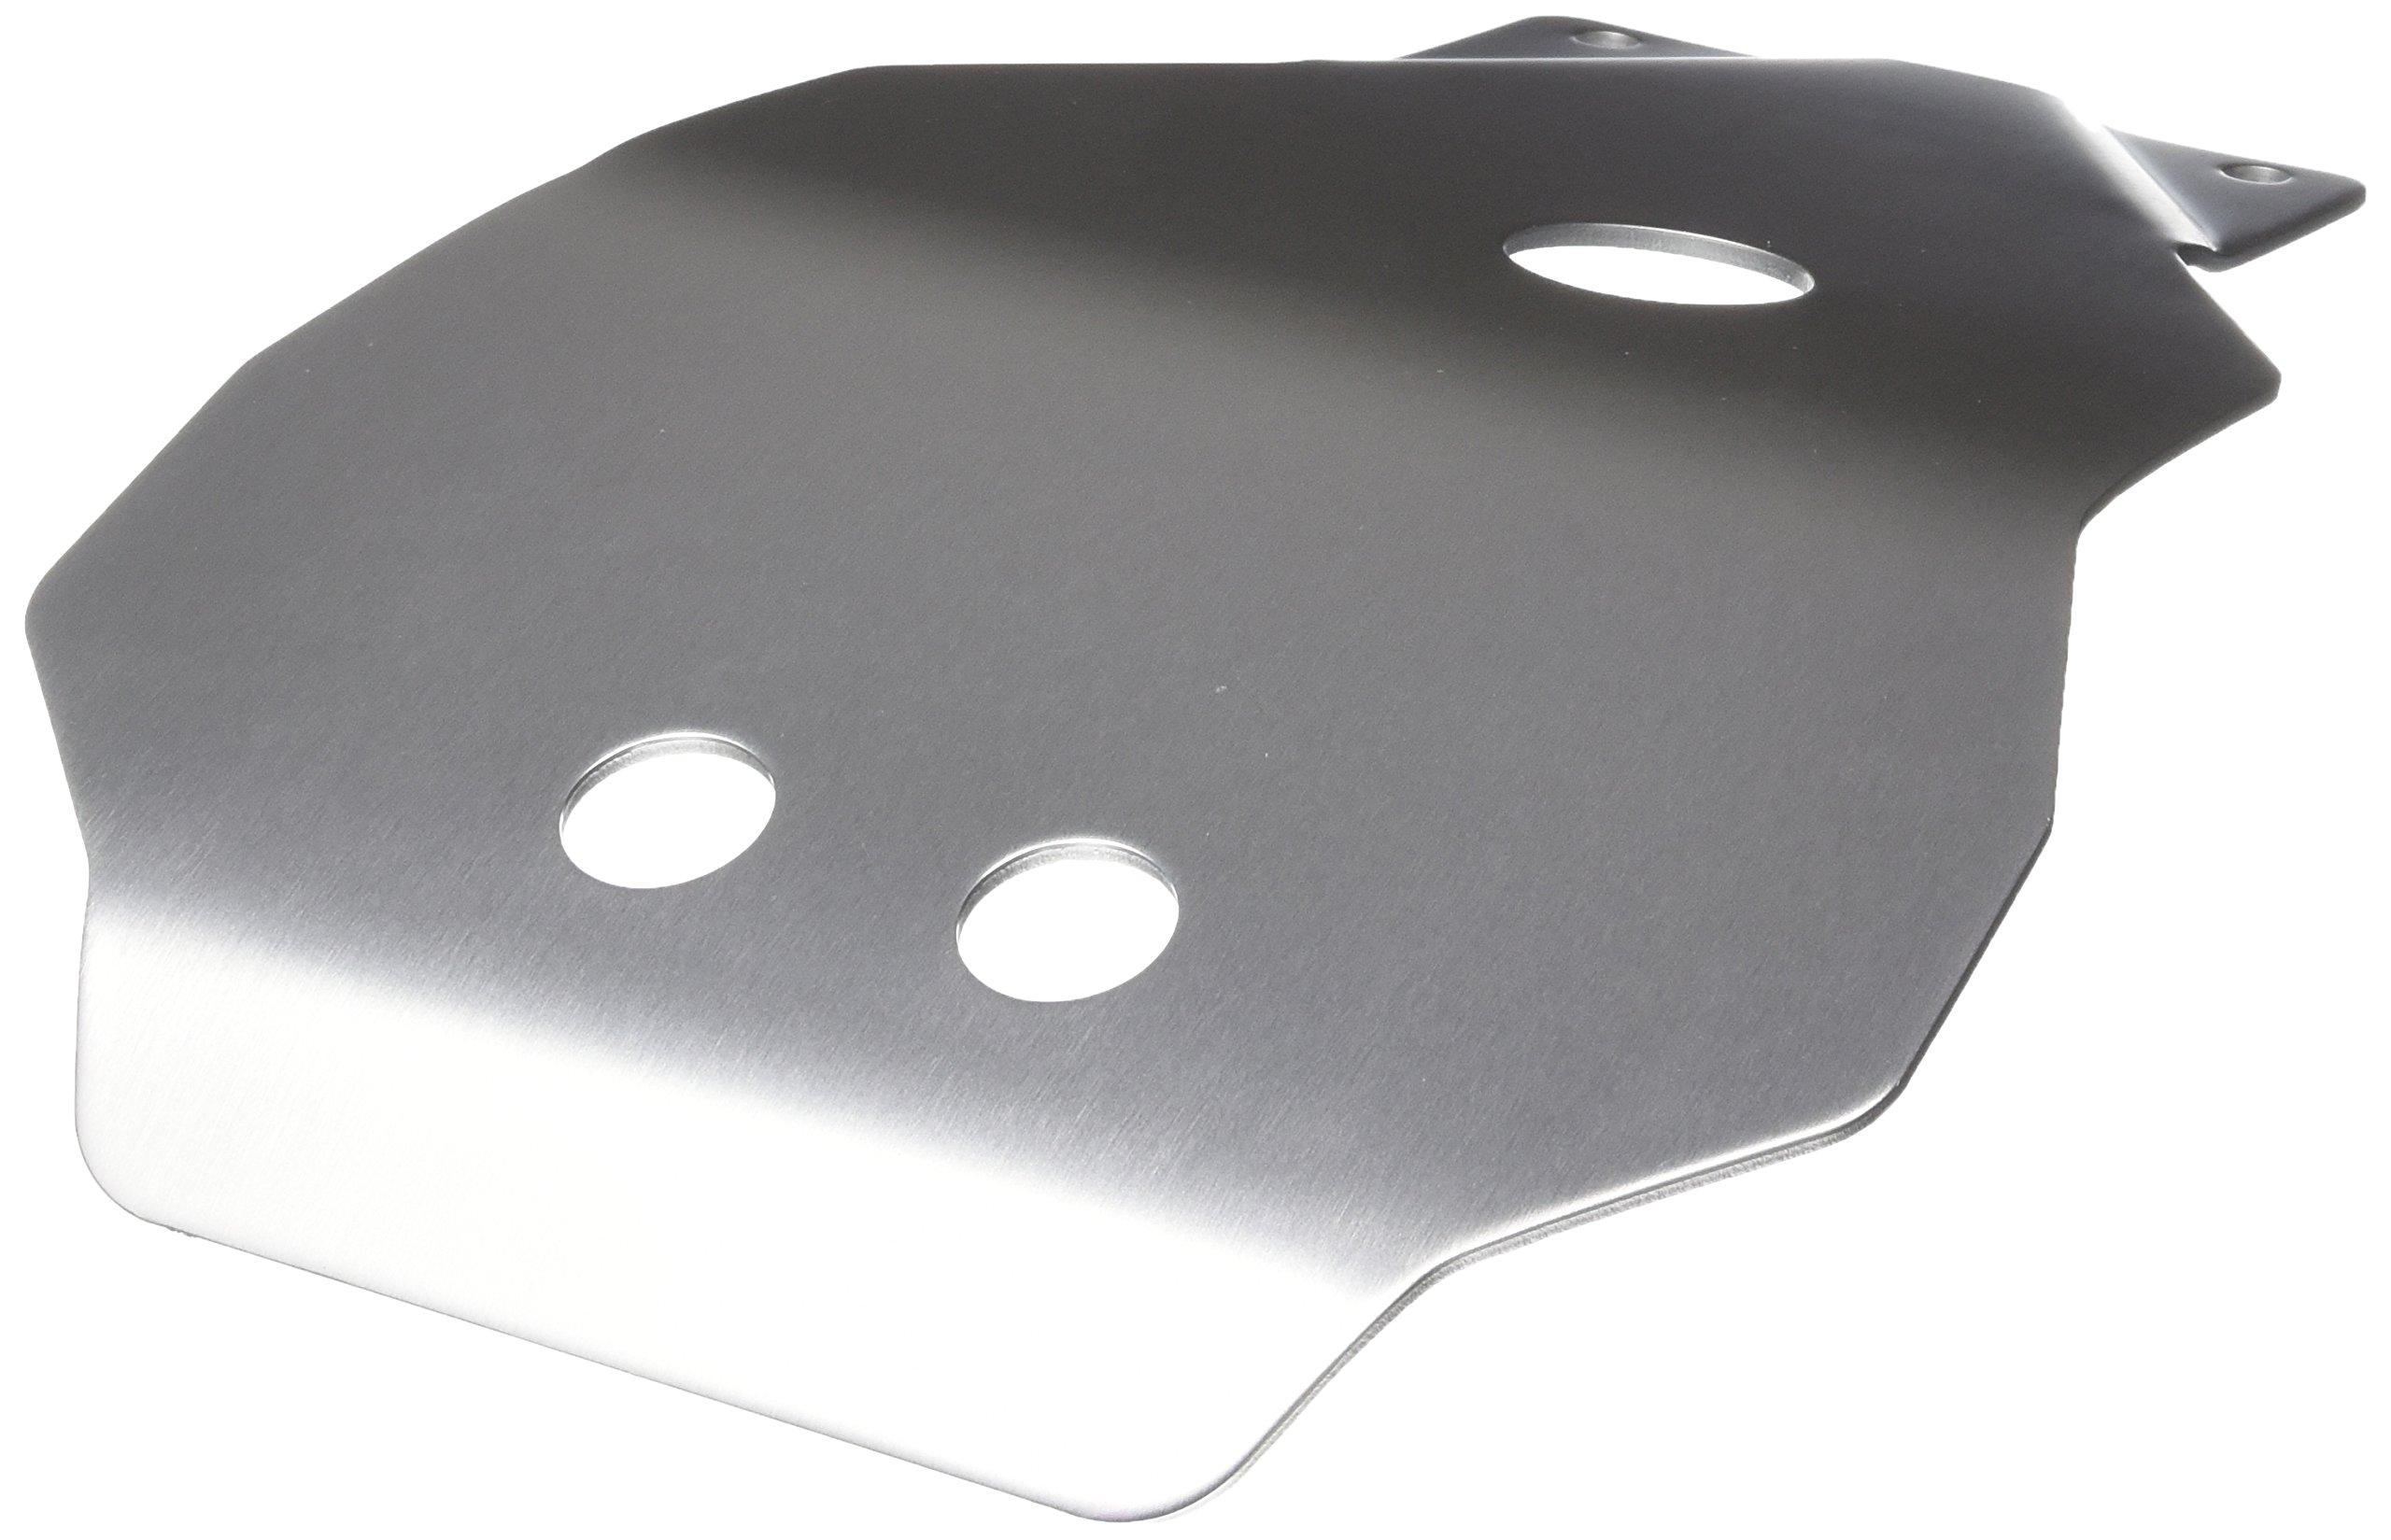 Suzuki 42500-32810 Skid Plate